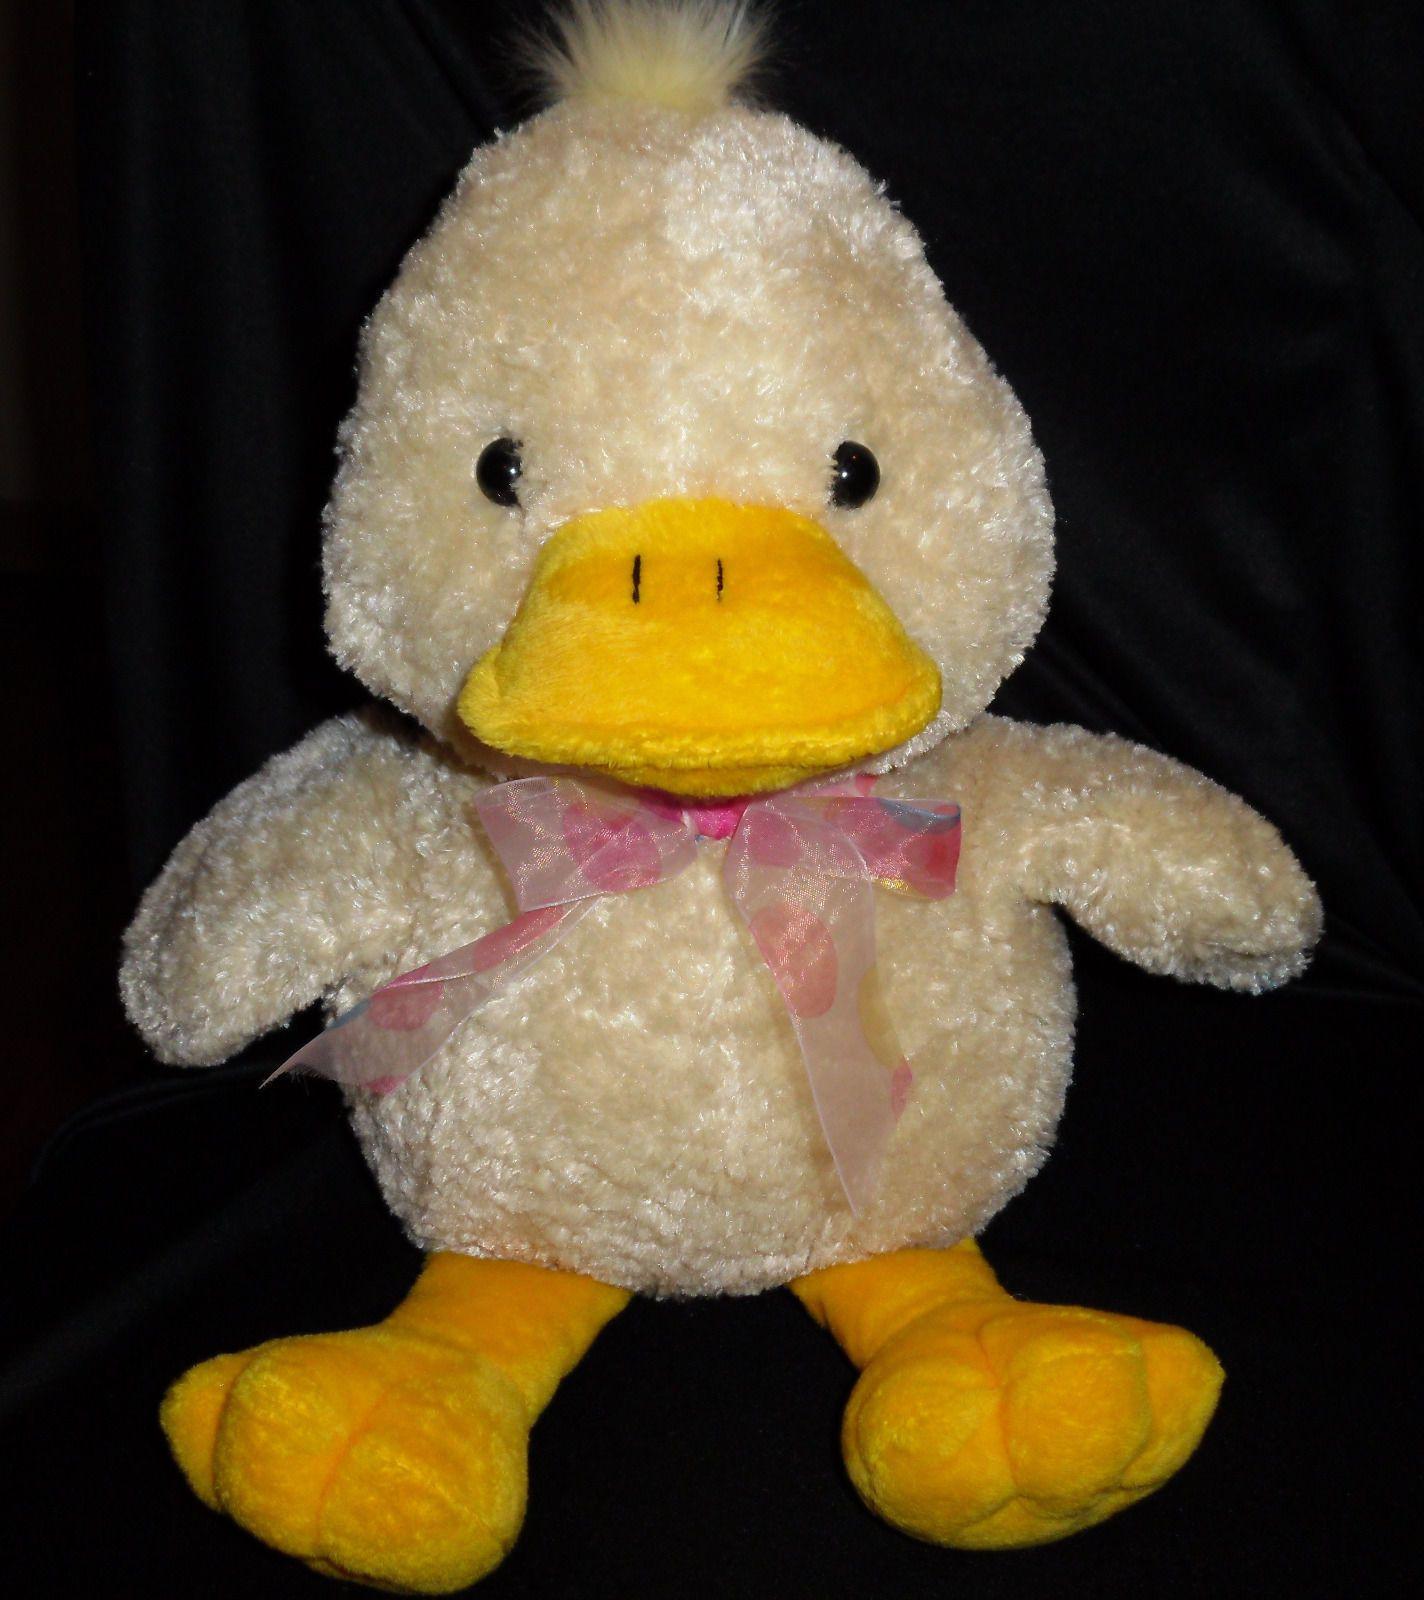 American Greetings Carlton Cards Duck Yellow Large Big Stuffed Plush